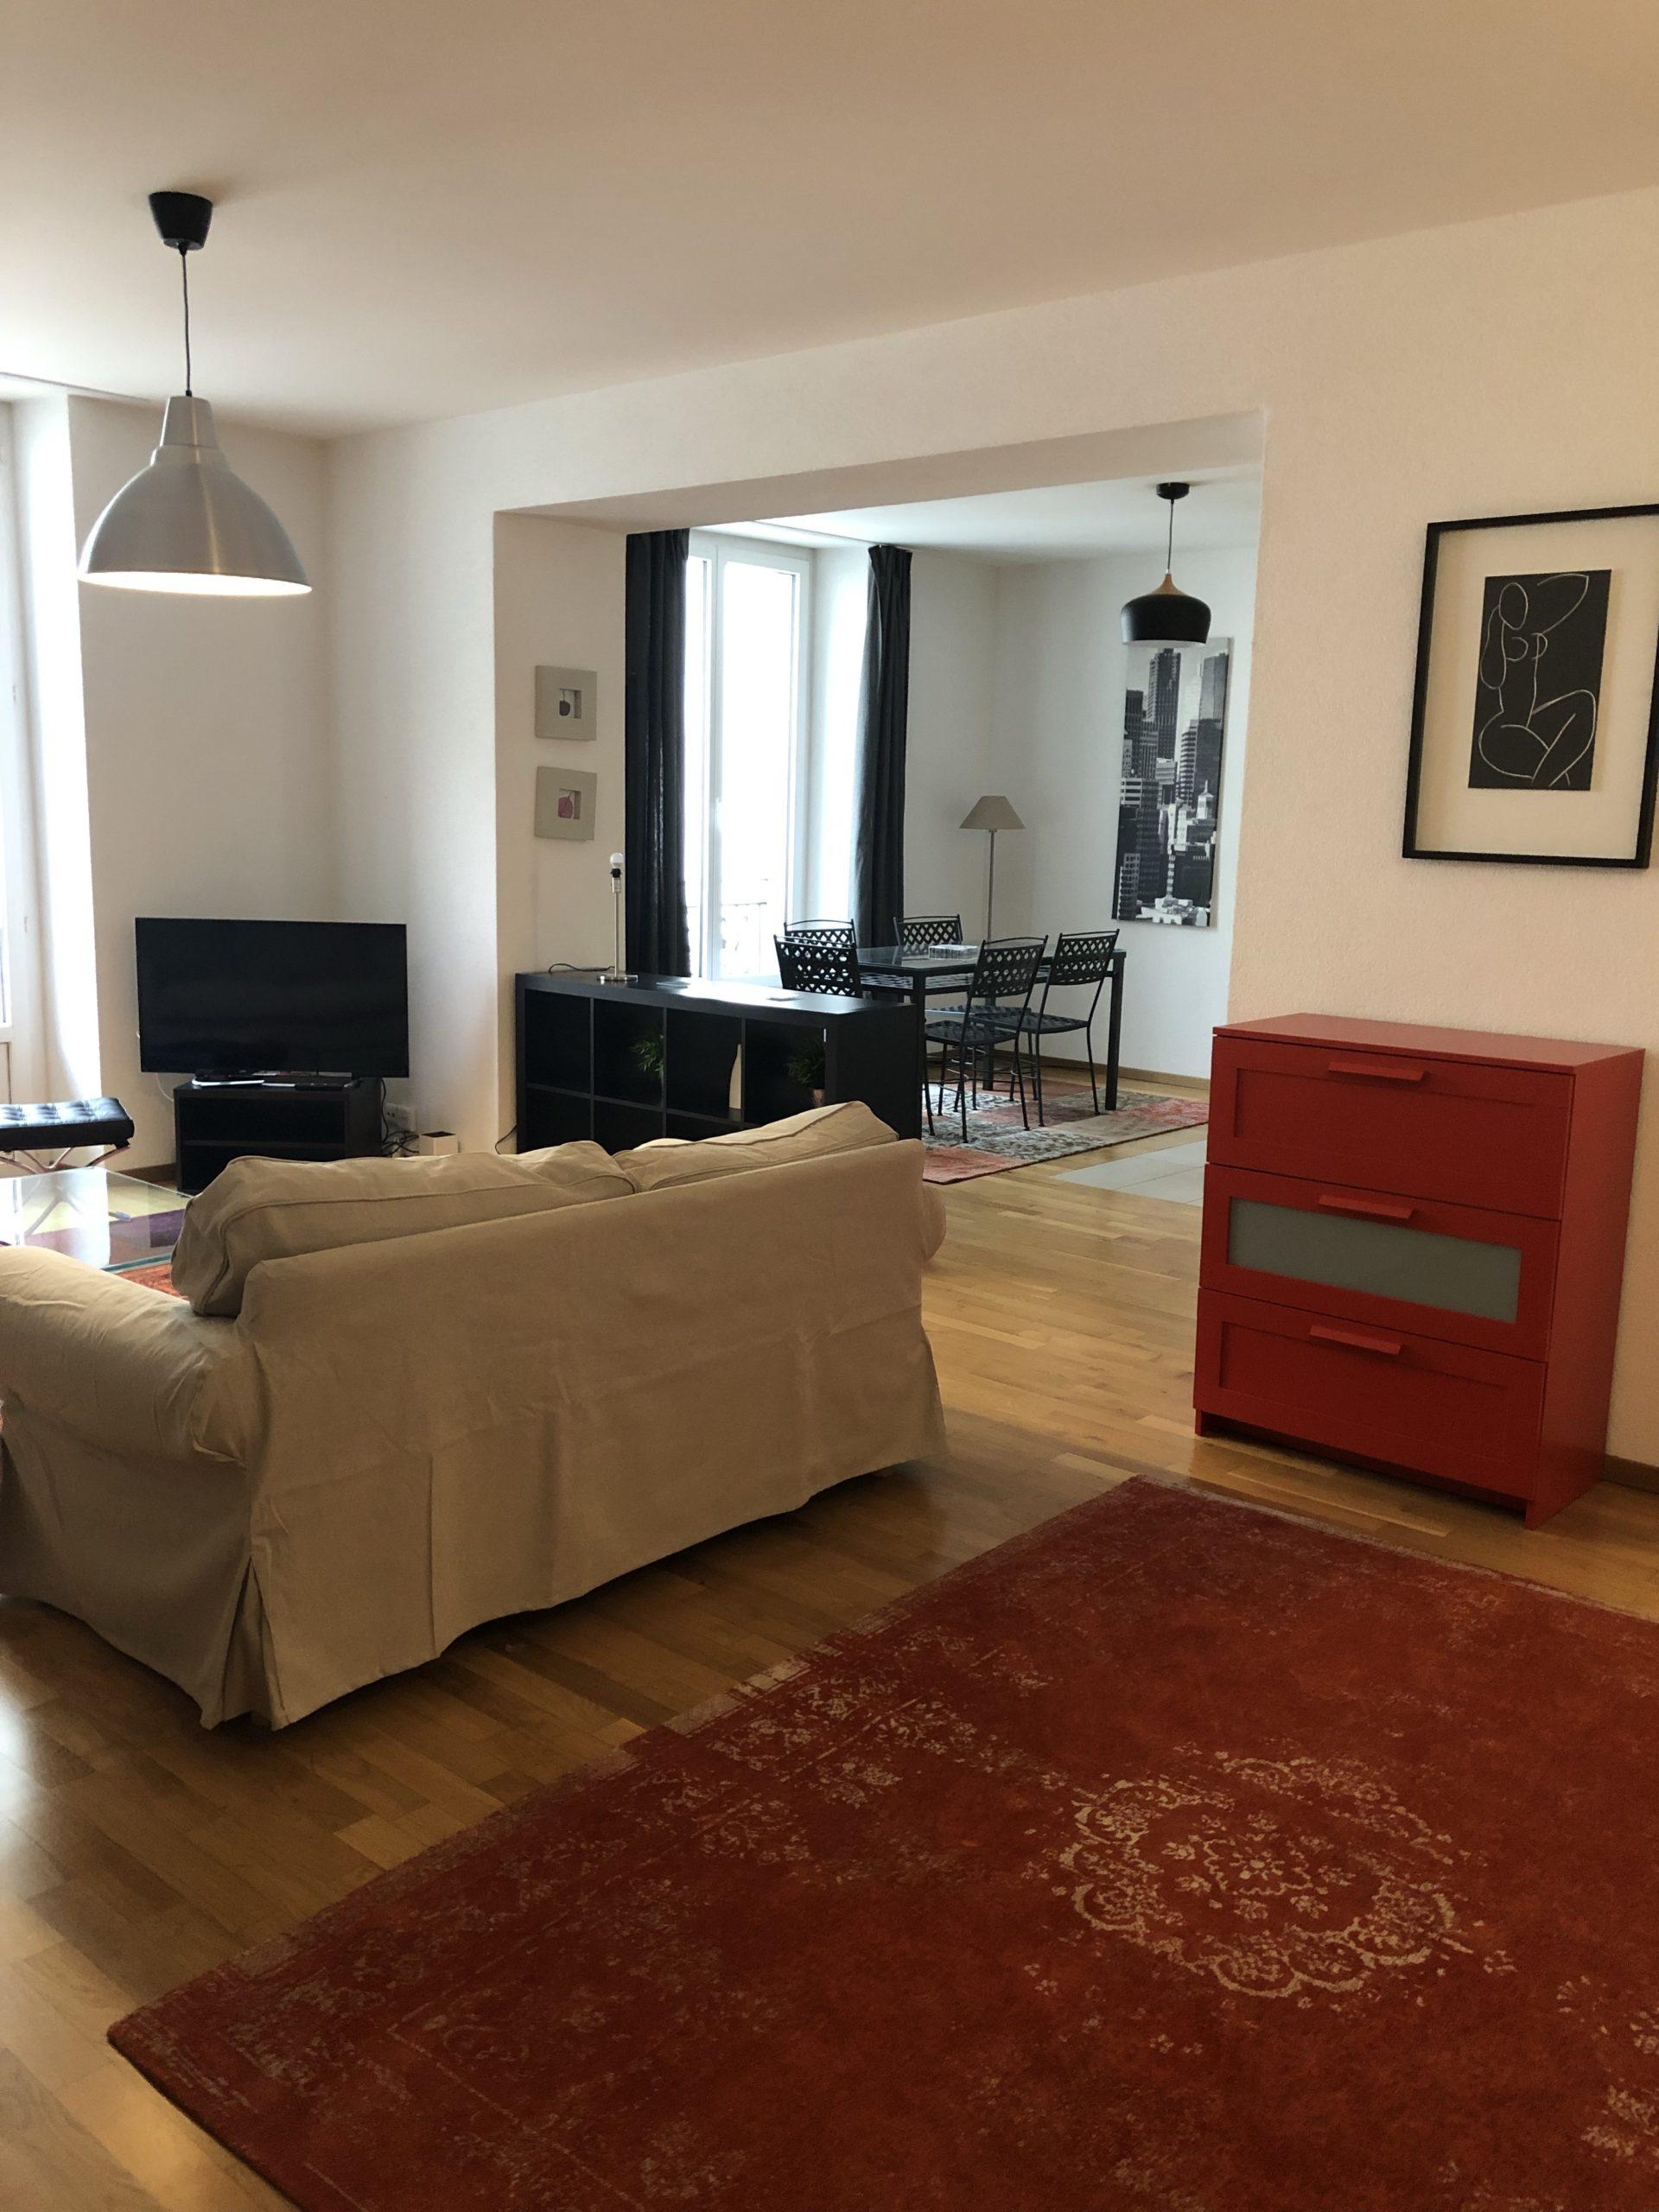 Ch. du Closelet 4, Lausanne - 3,5 pièces - Lot 31 25